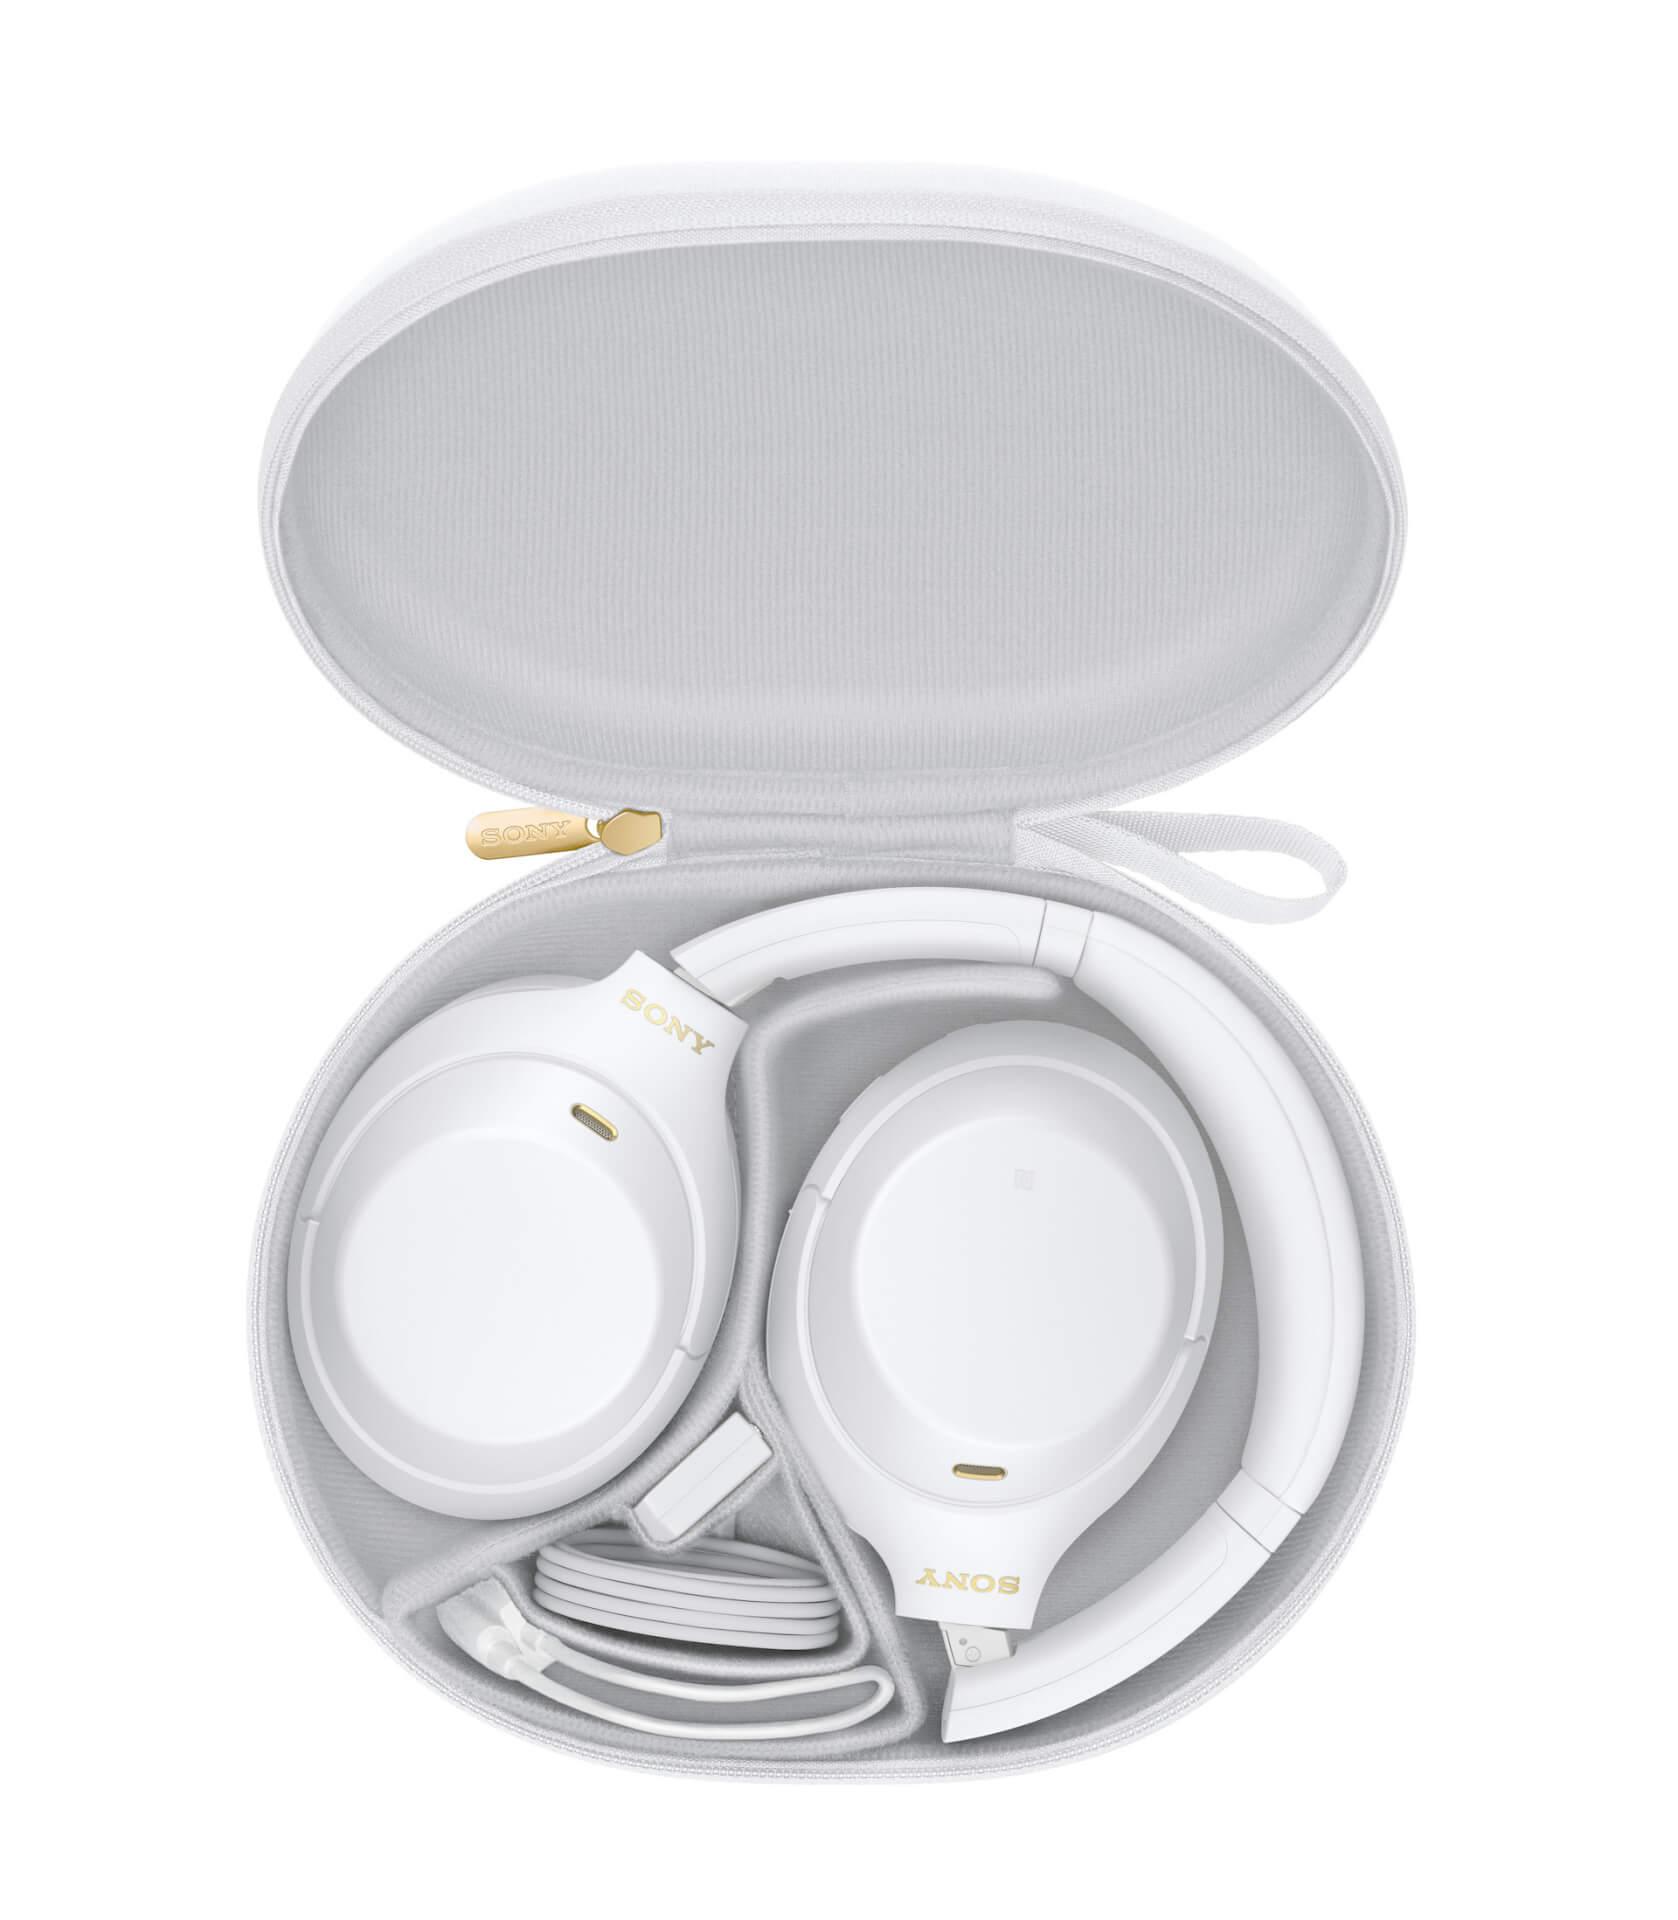 ソニーの大人気ノイズキャンセリングヘッドホン『WH-1000XM4』に限定カラーのサイレントホワイトが登場!LiSAを起用したKVも公開 tech210420_sony_headphone_5